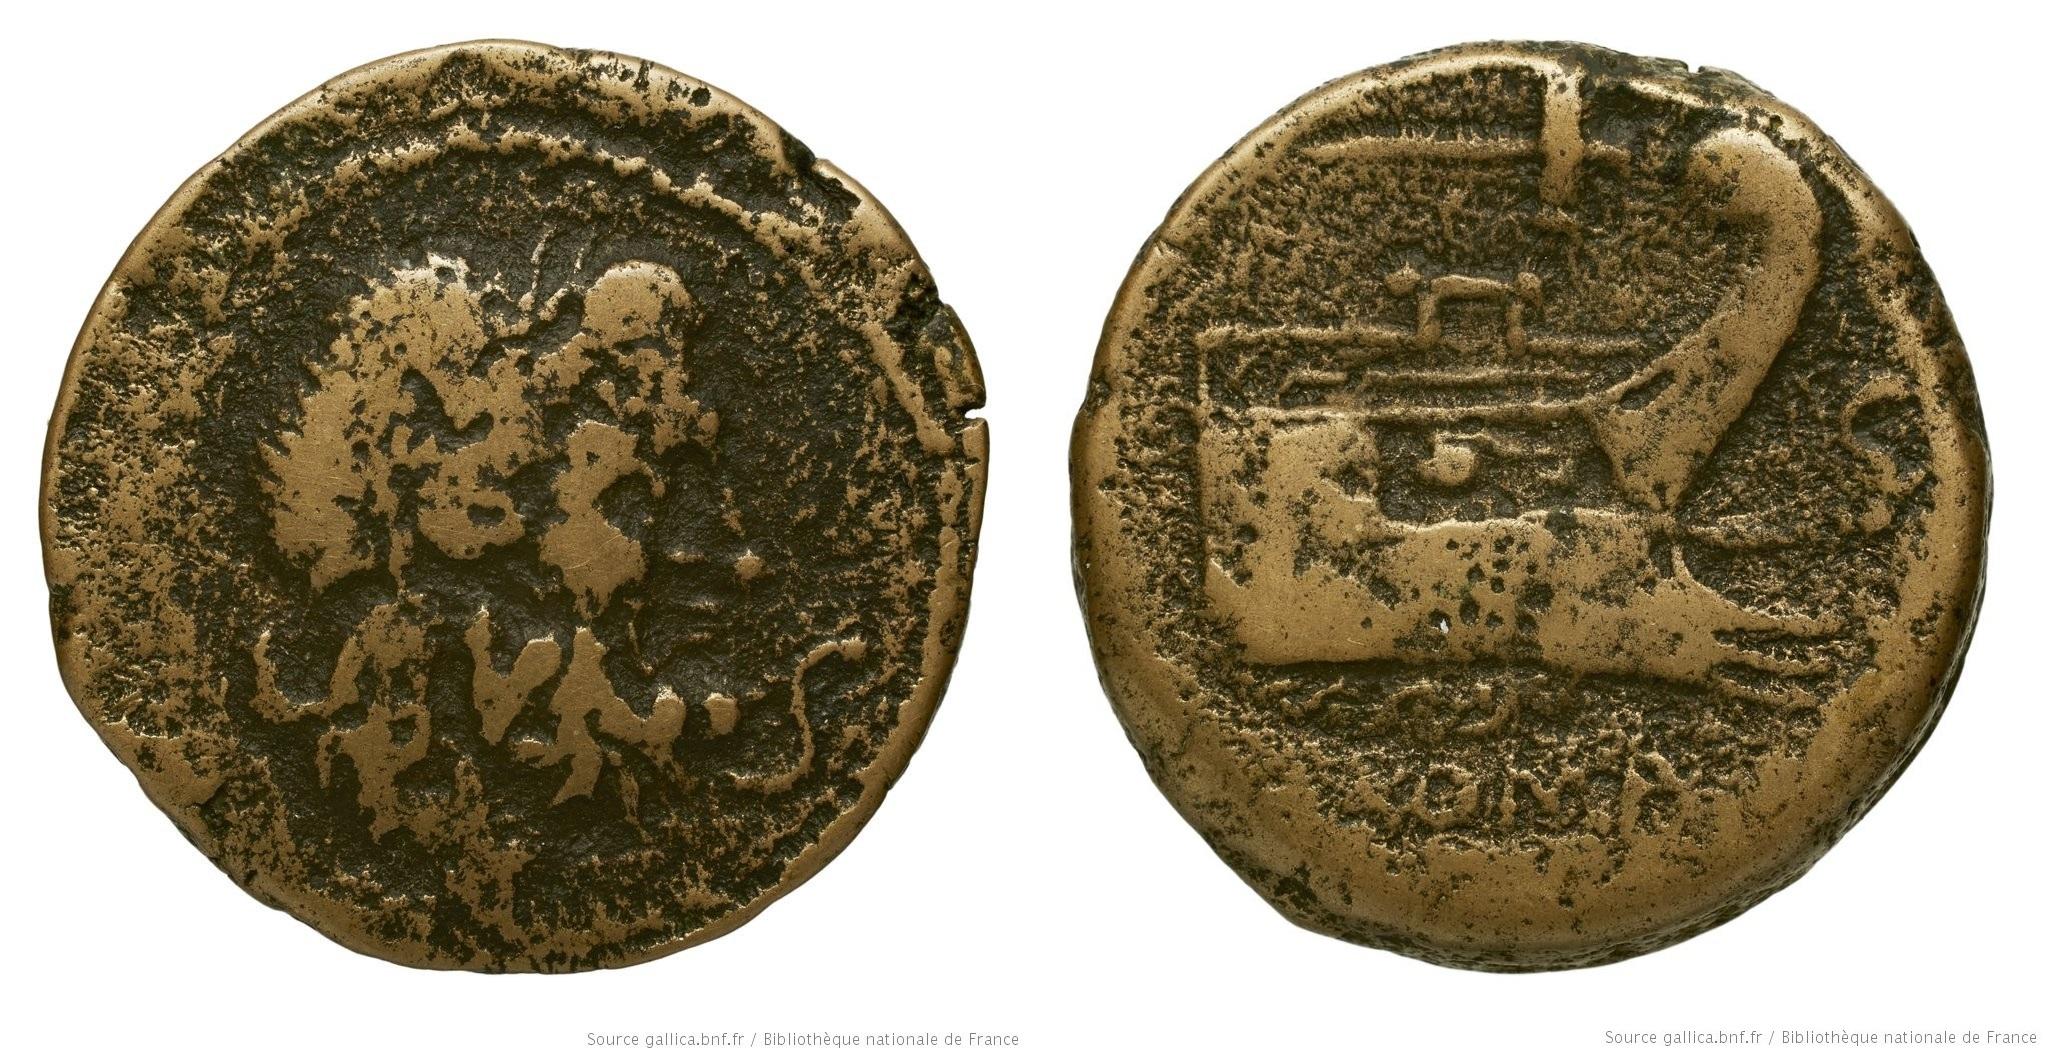 1183PO – Semis Poblicia – Caius Publicius Malleolus